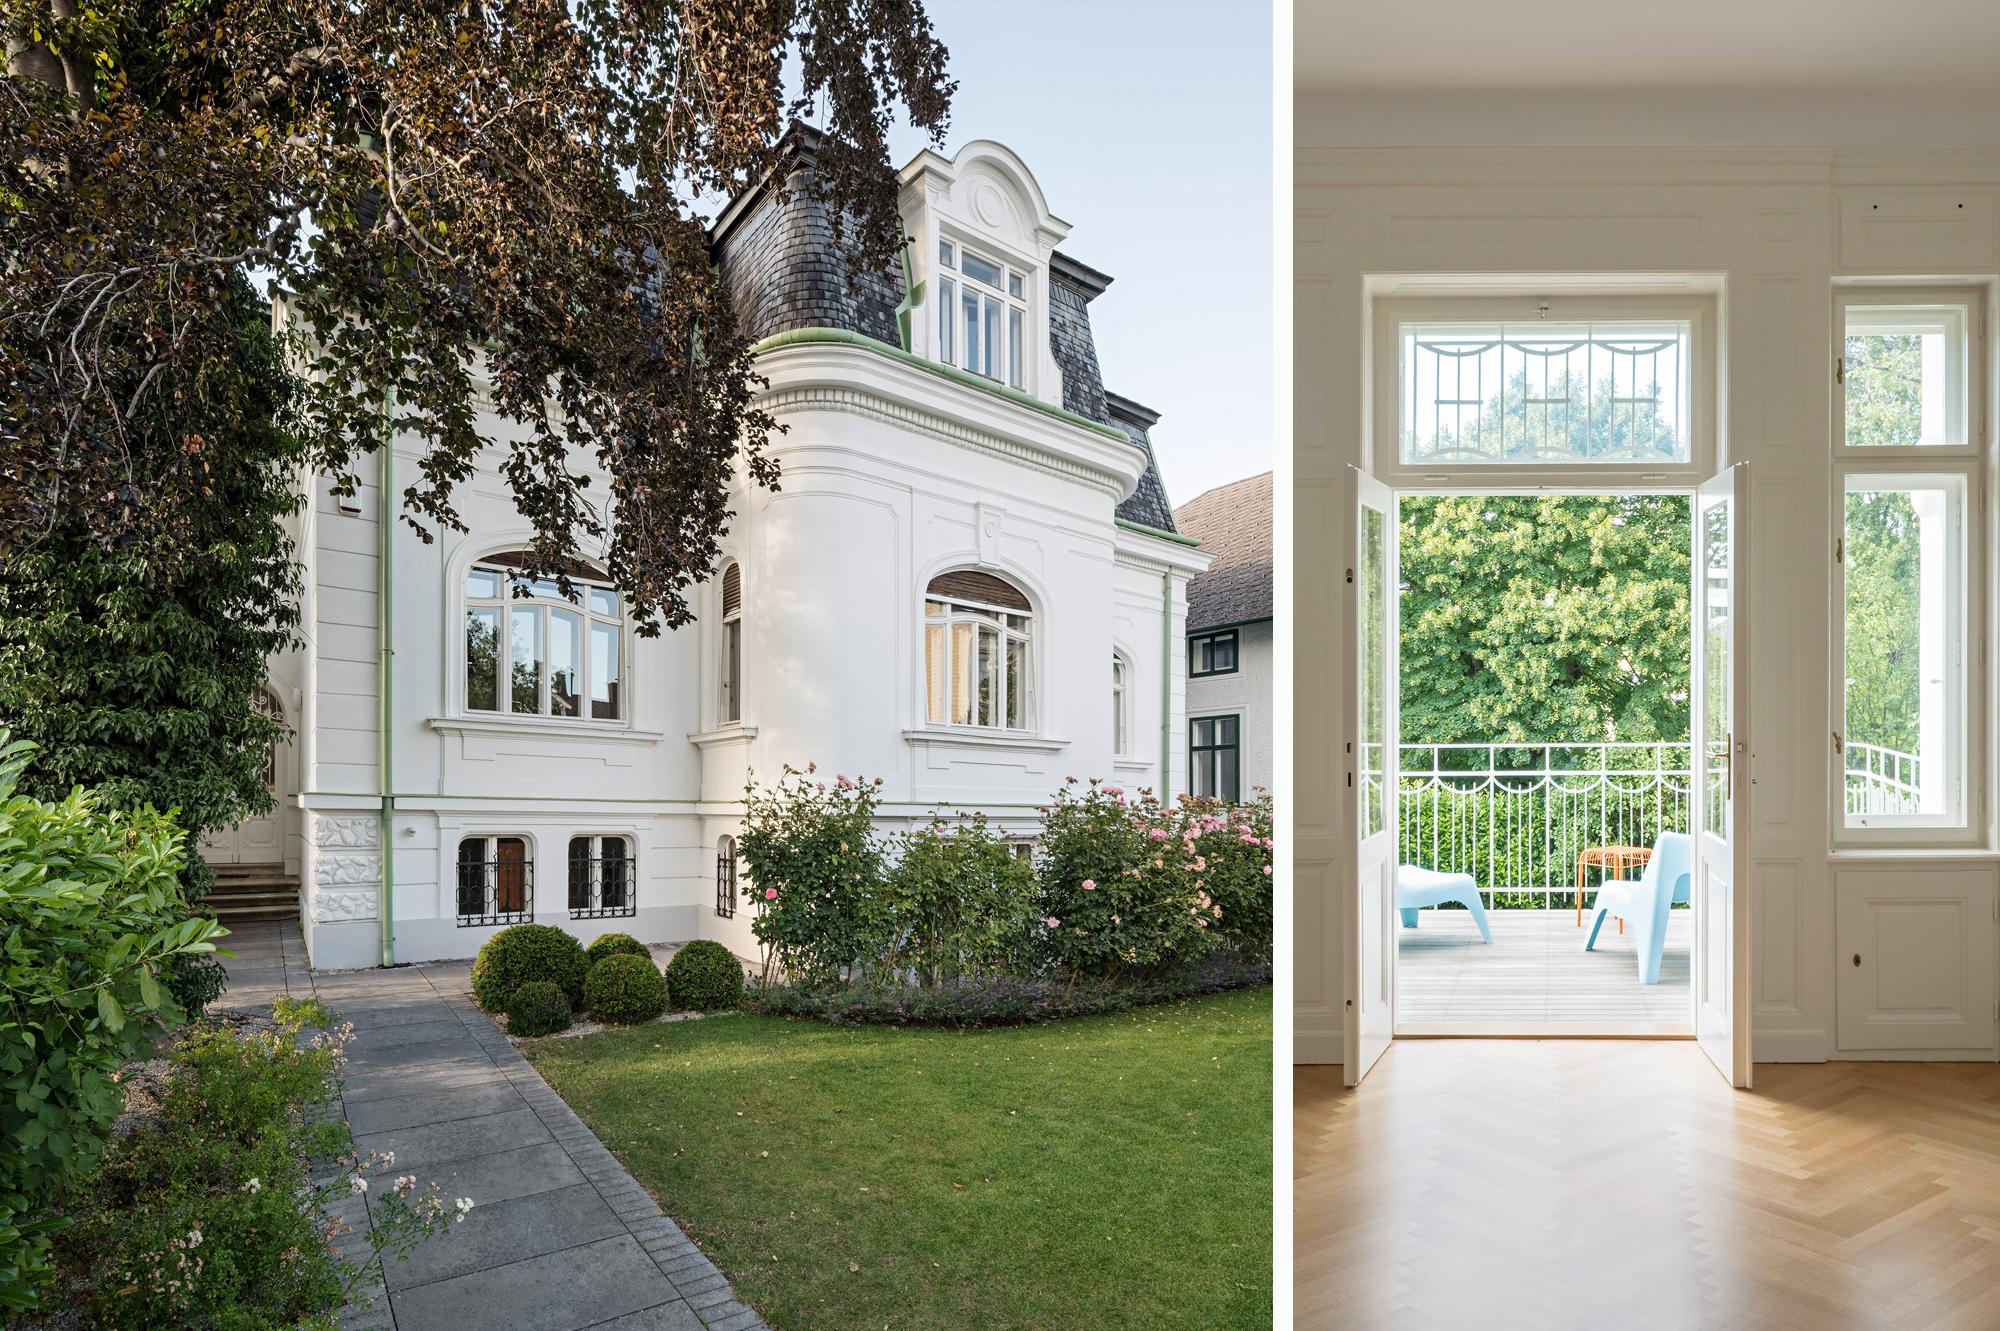 haus_T_12a_sanierung_villa_in_moedling_niederoesterreich_junger_beer_architektur